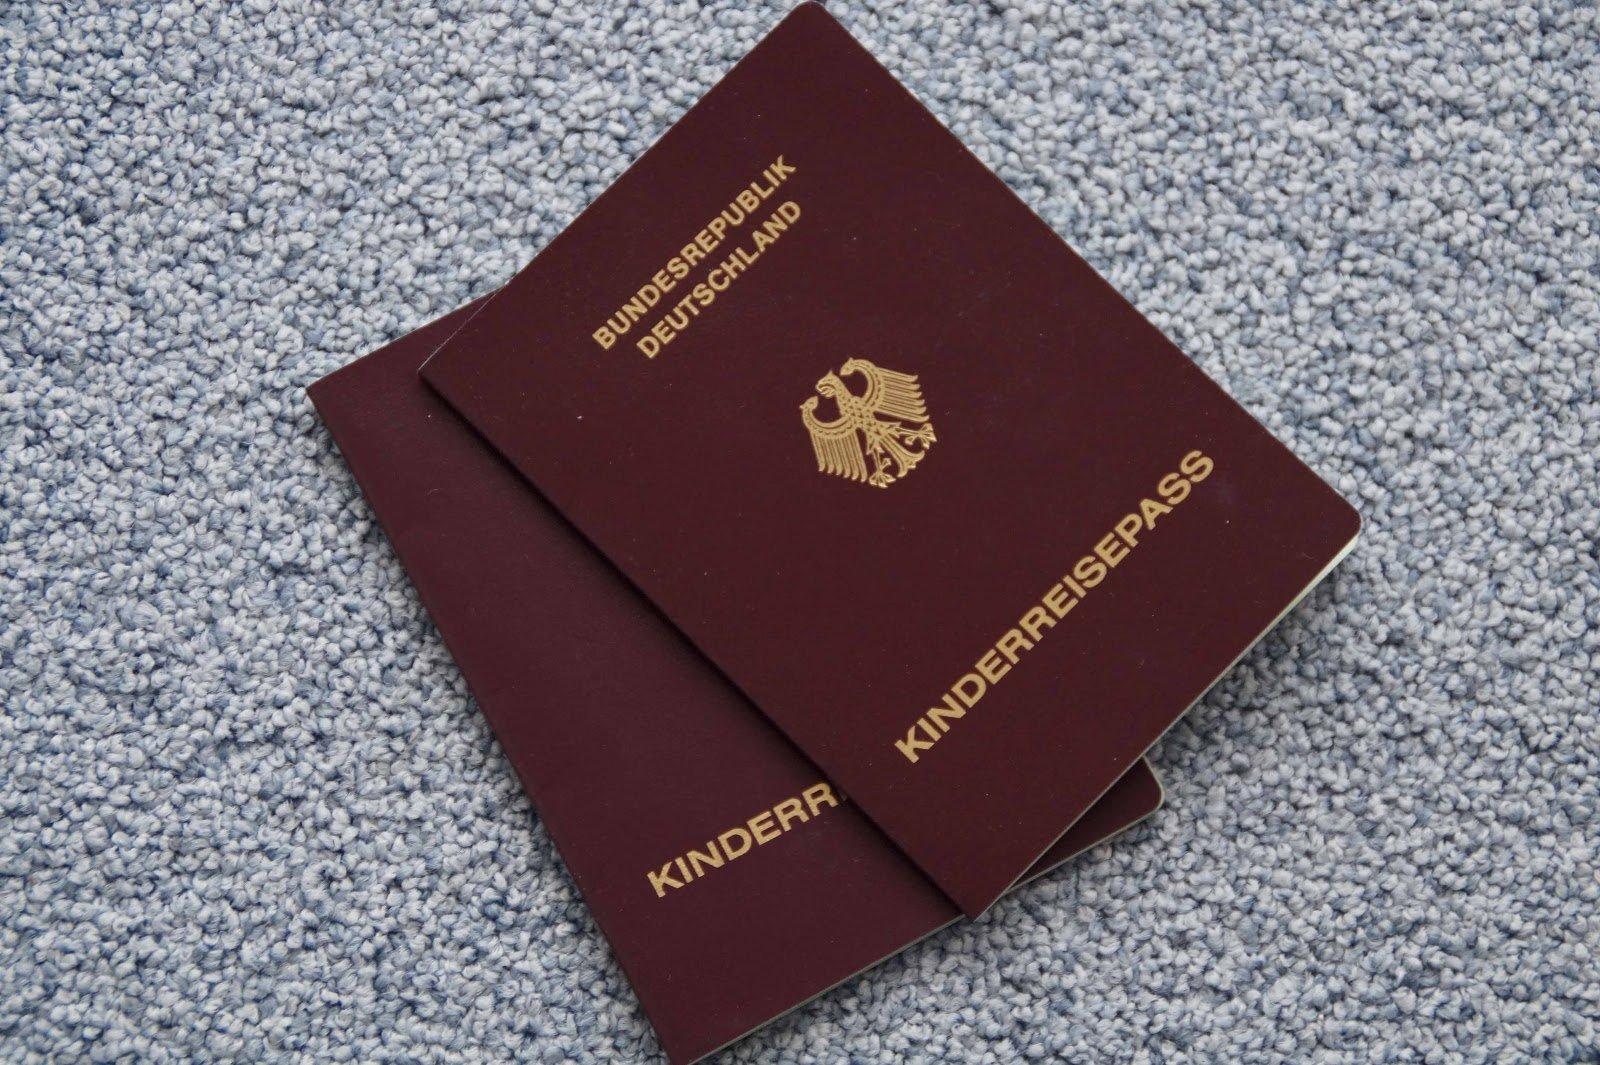 Leitfaden zur Erneuerung des Reisepasses